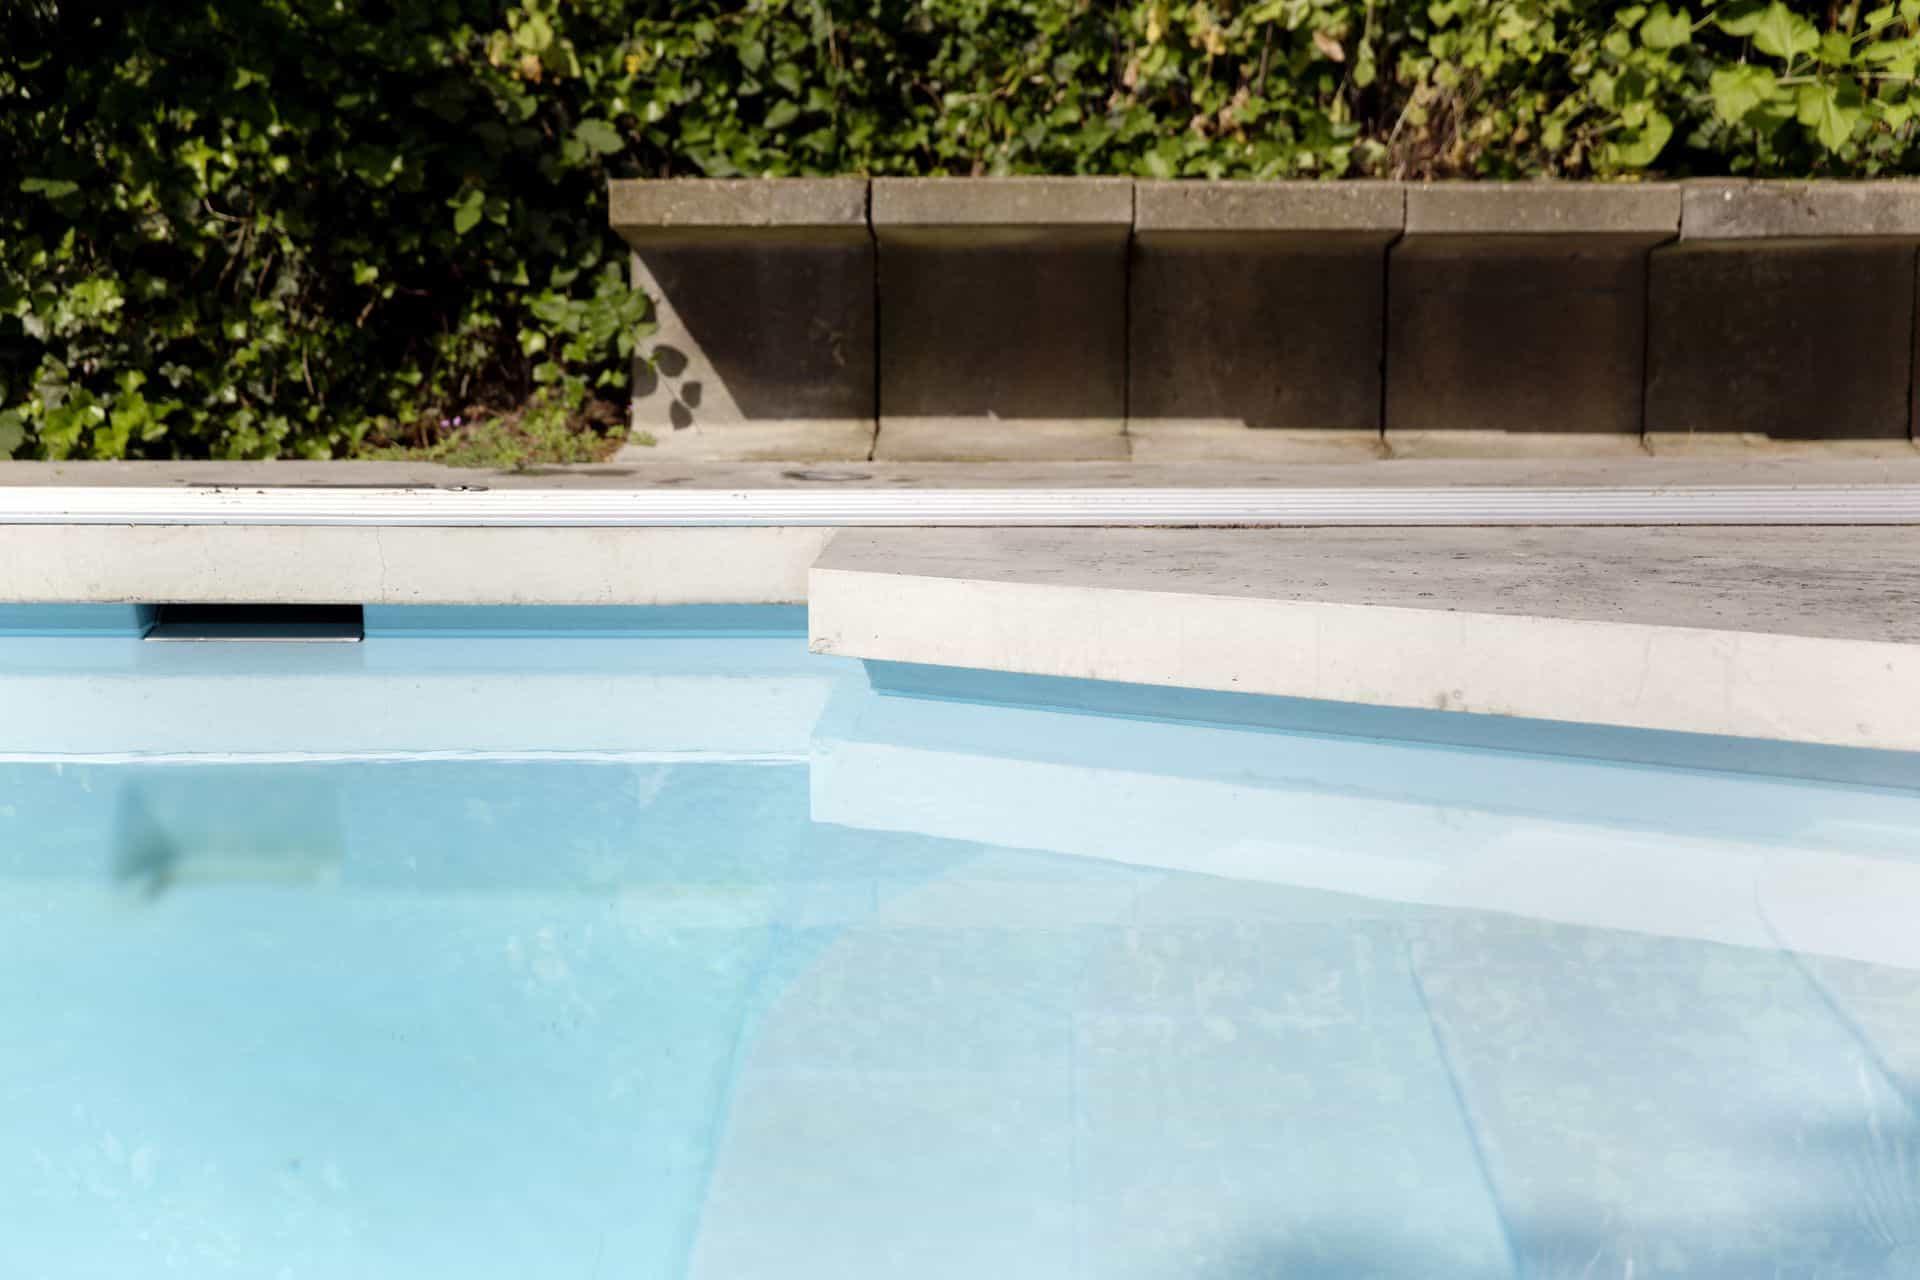 betonnen rand bij het zwembad